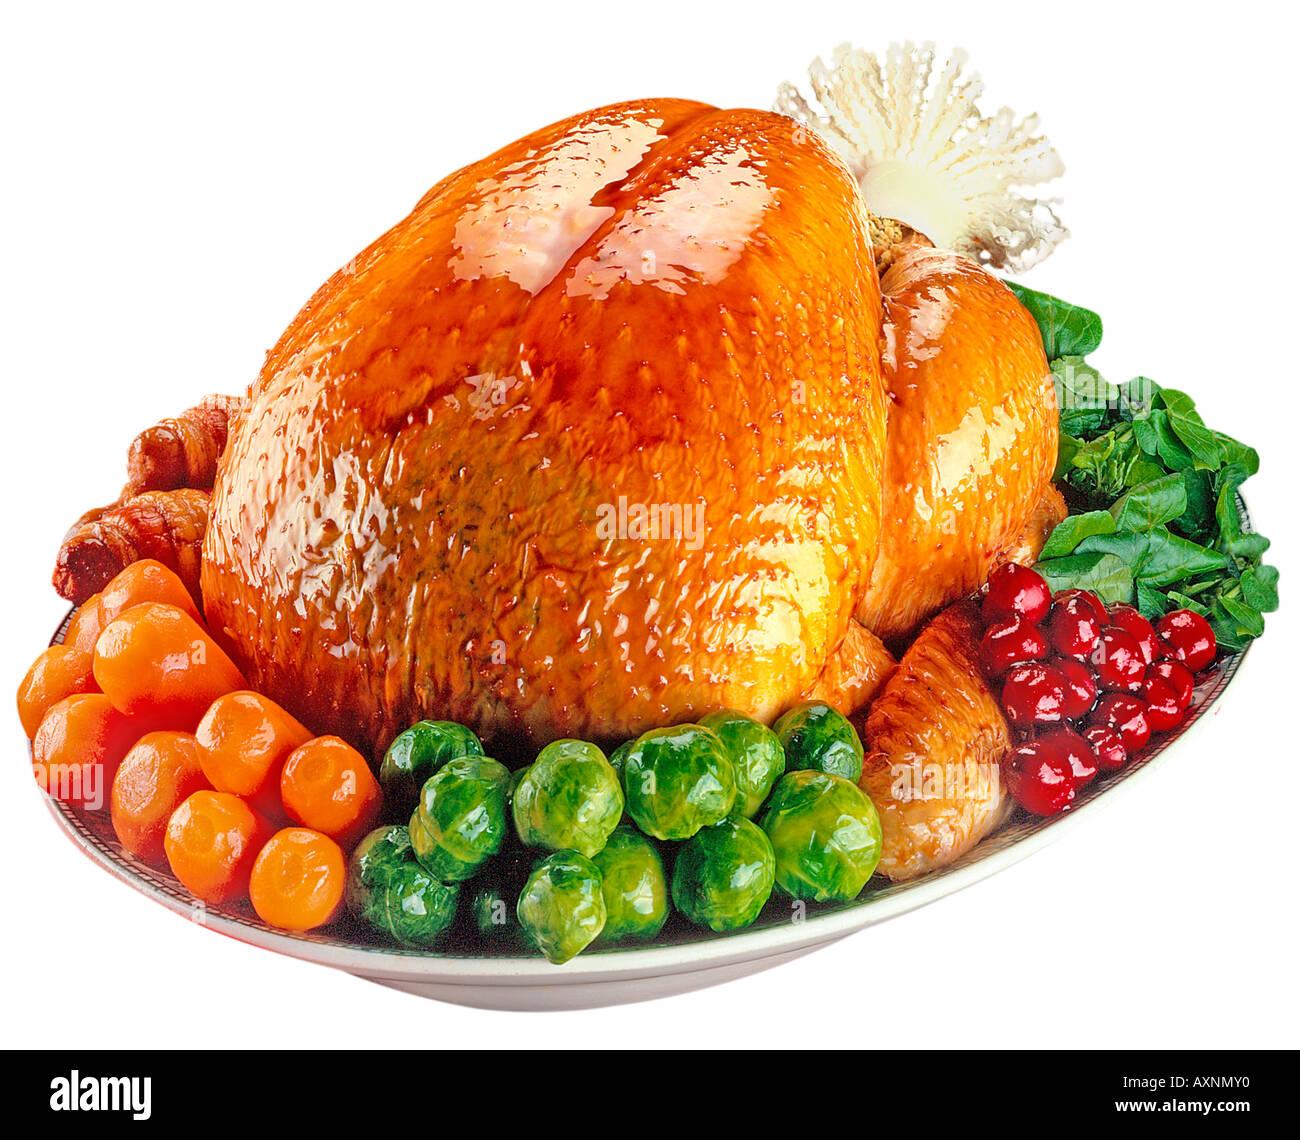 Groß Thanksgiving Truthahn Färbung Fotos - Malvorlagen Von Tieren ...